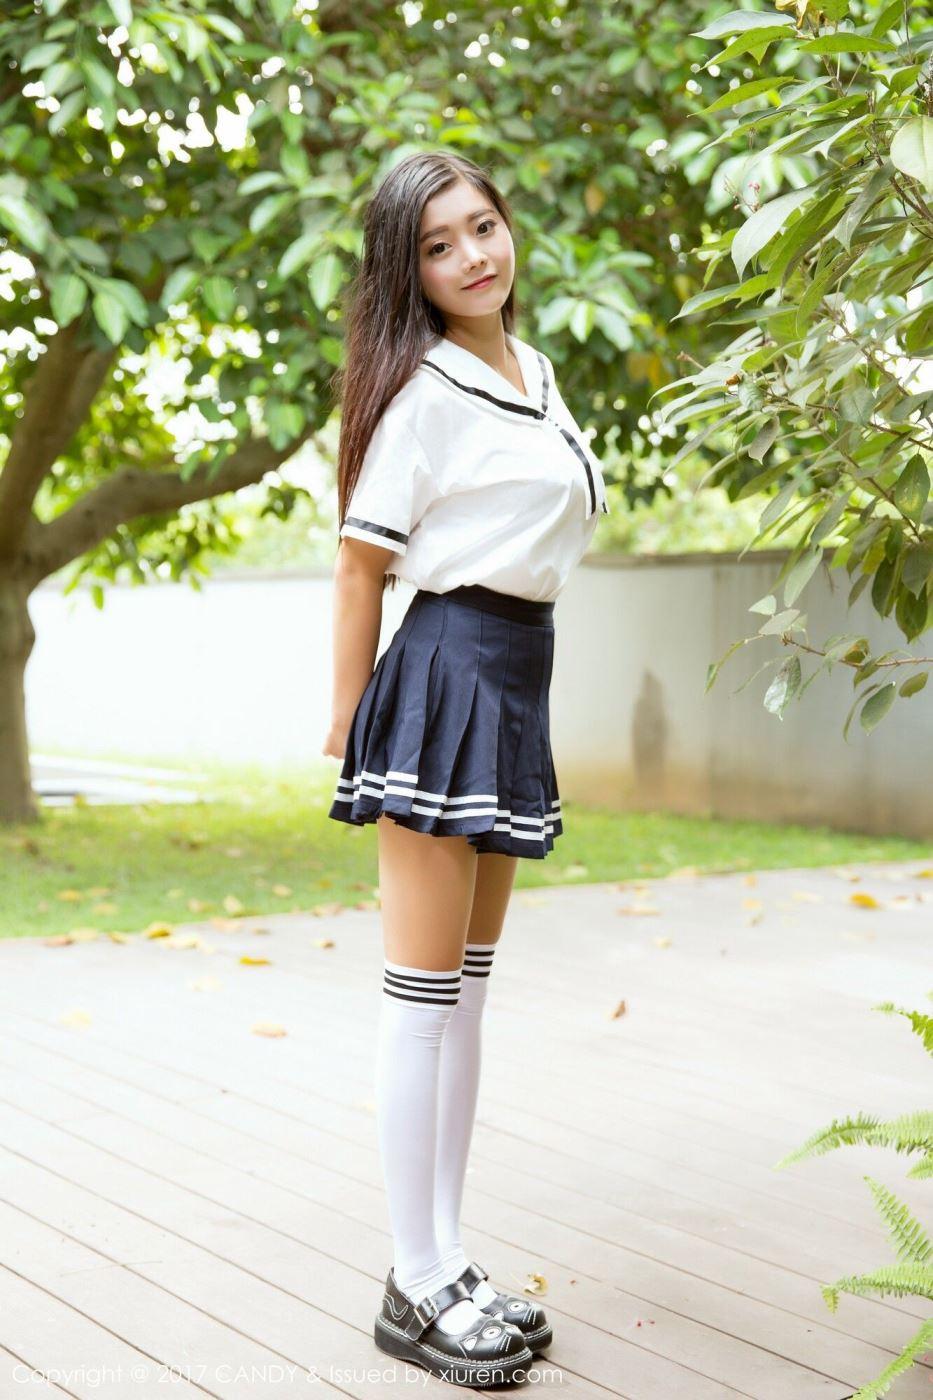 糖果画报可爱小萝莉林美惠子学生体操服白丝美女清纯写真